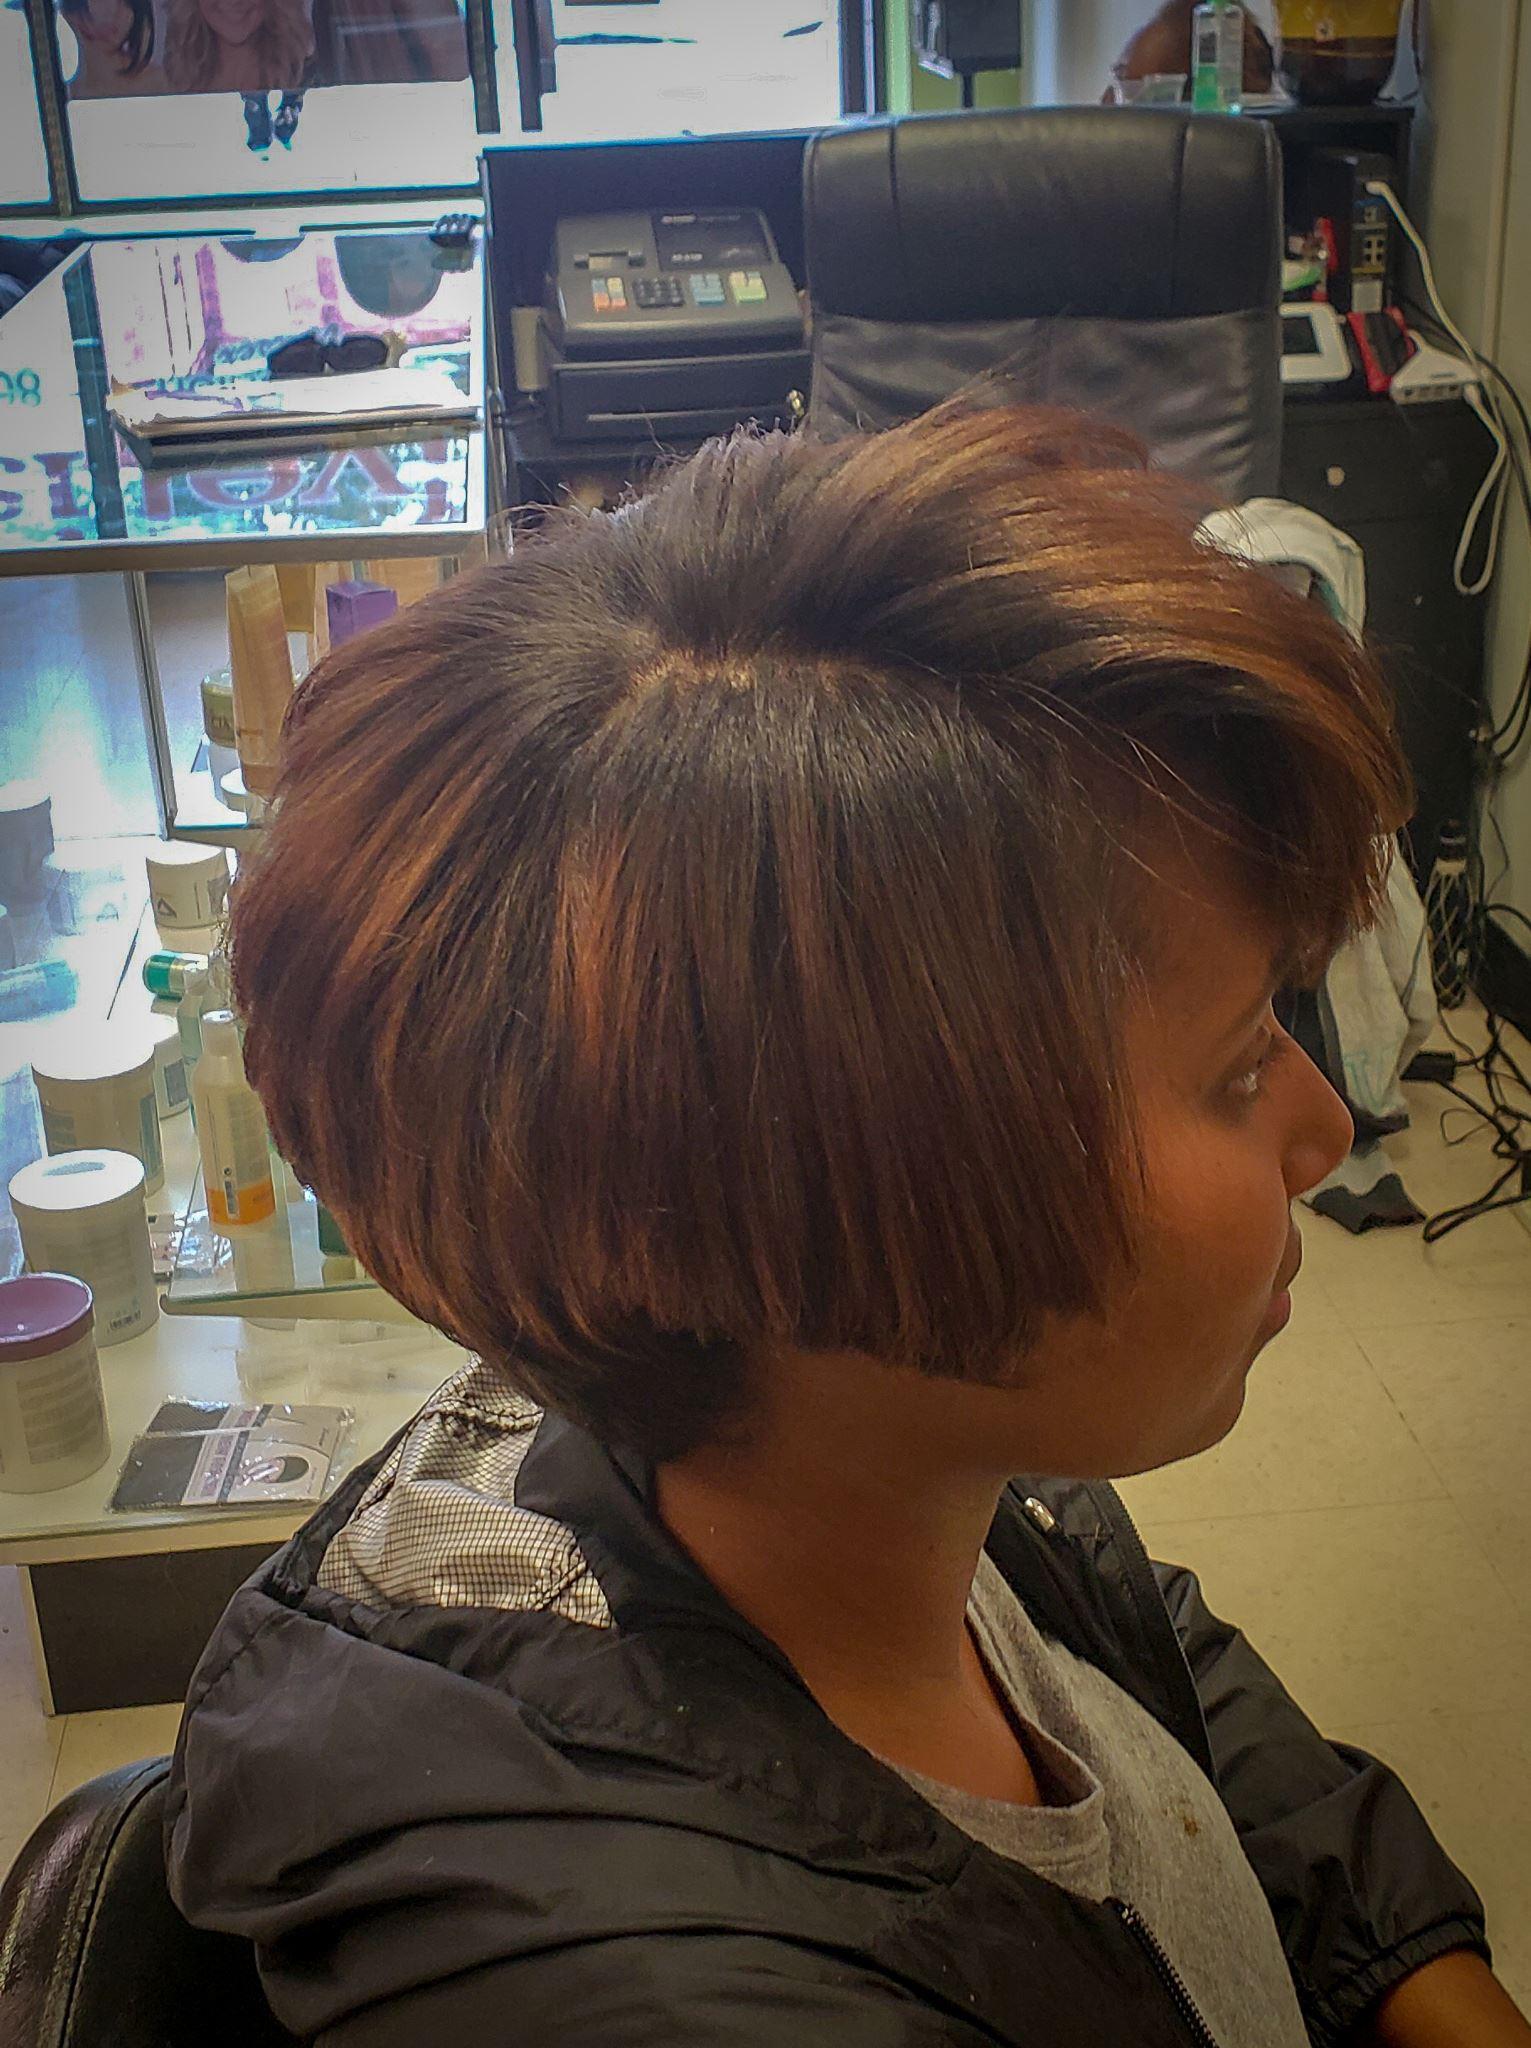 Family Haircut Bristol Ct : family, haircut, bristol, Salons, Bristol,, BestProsInTown